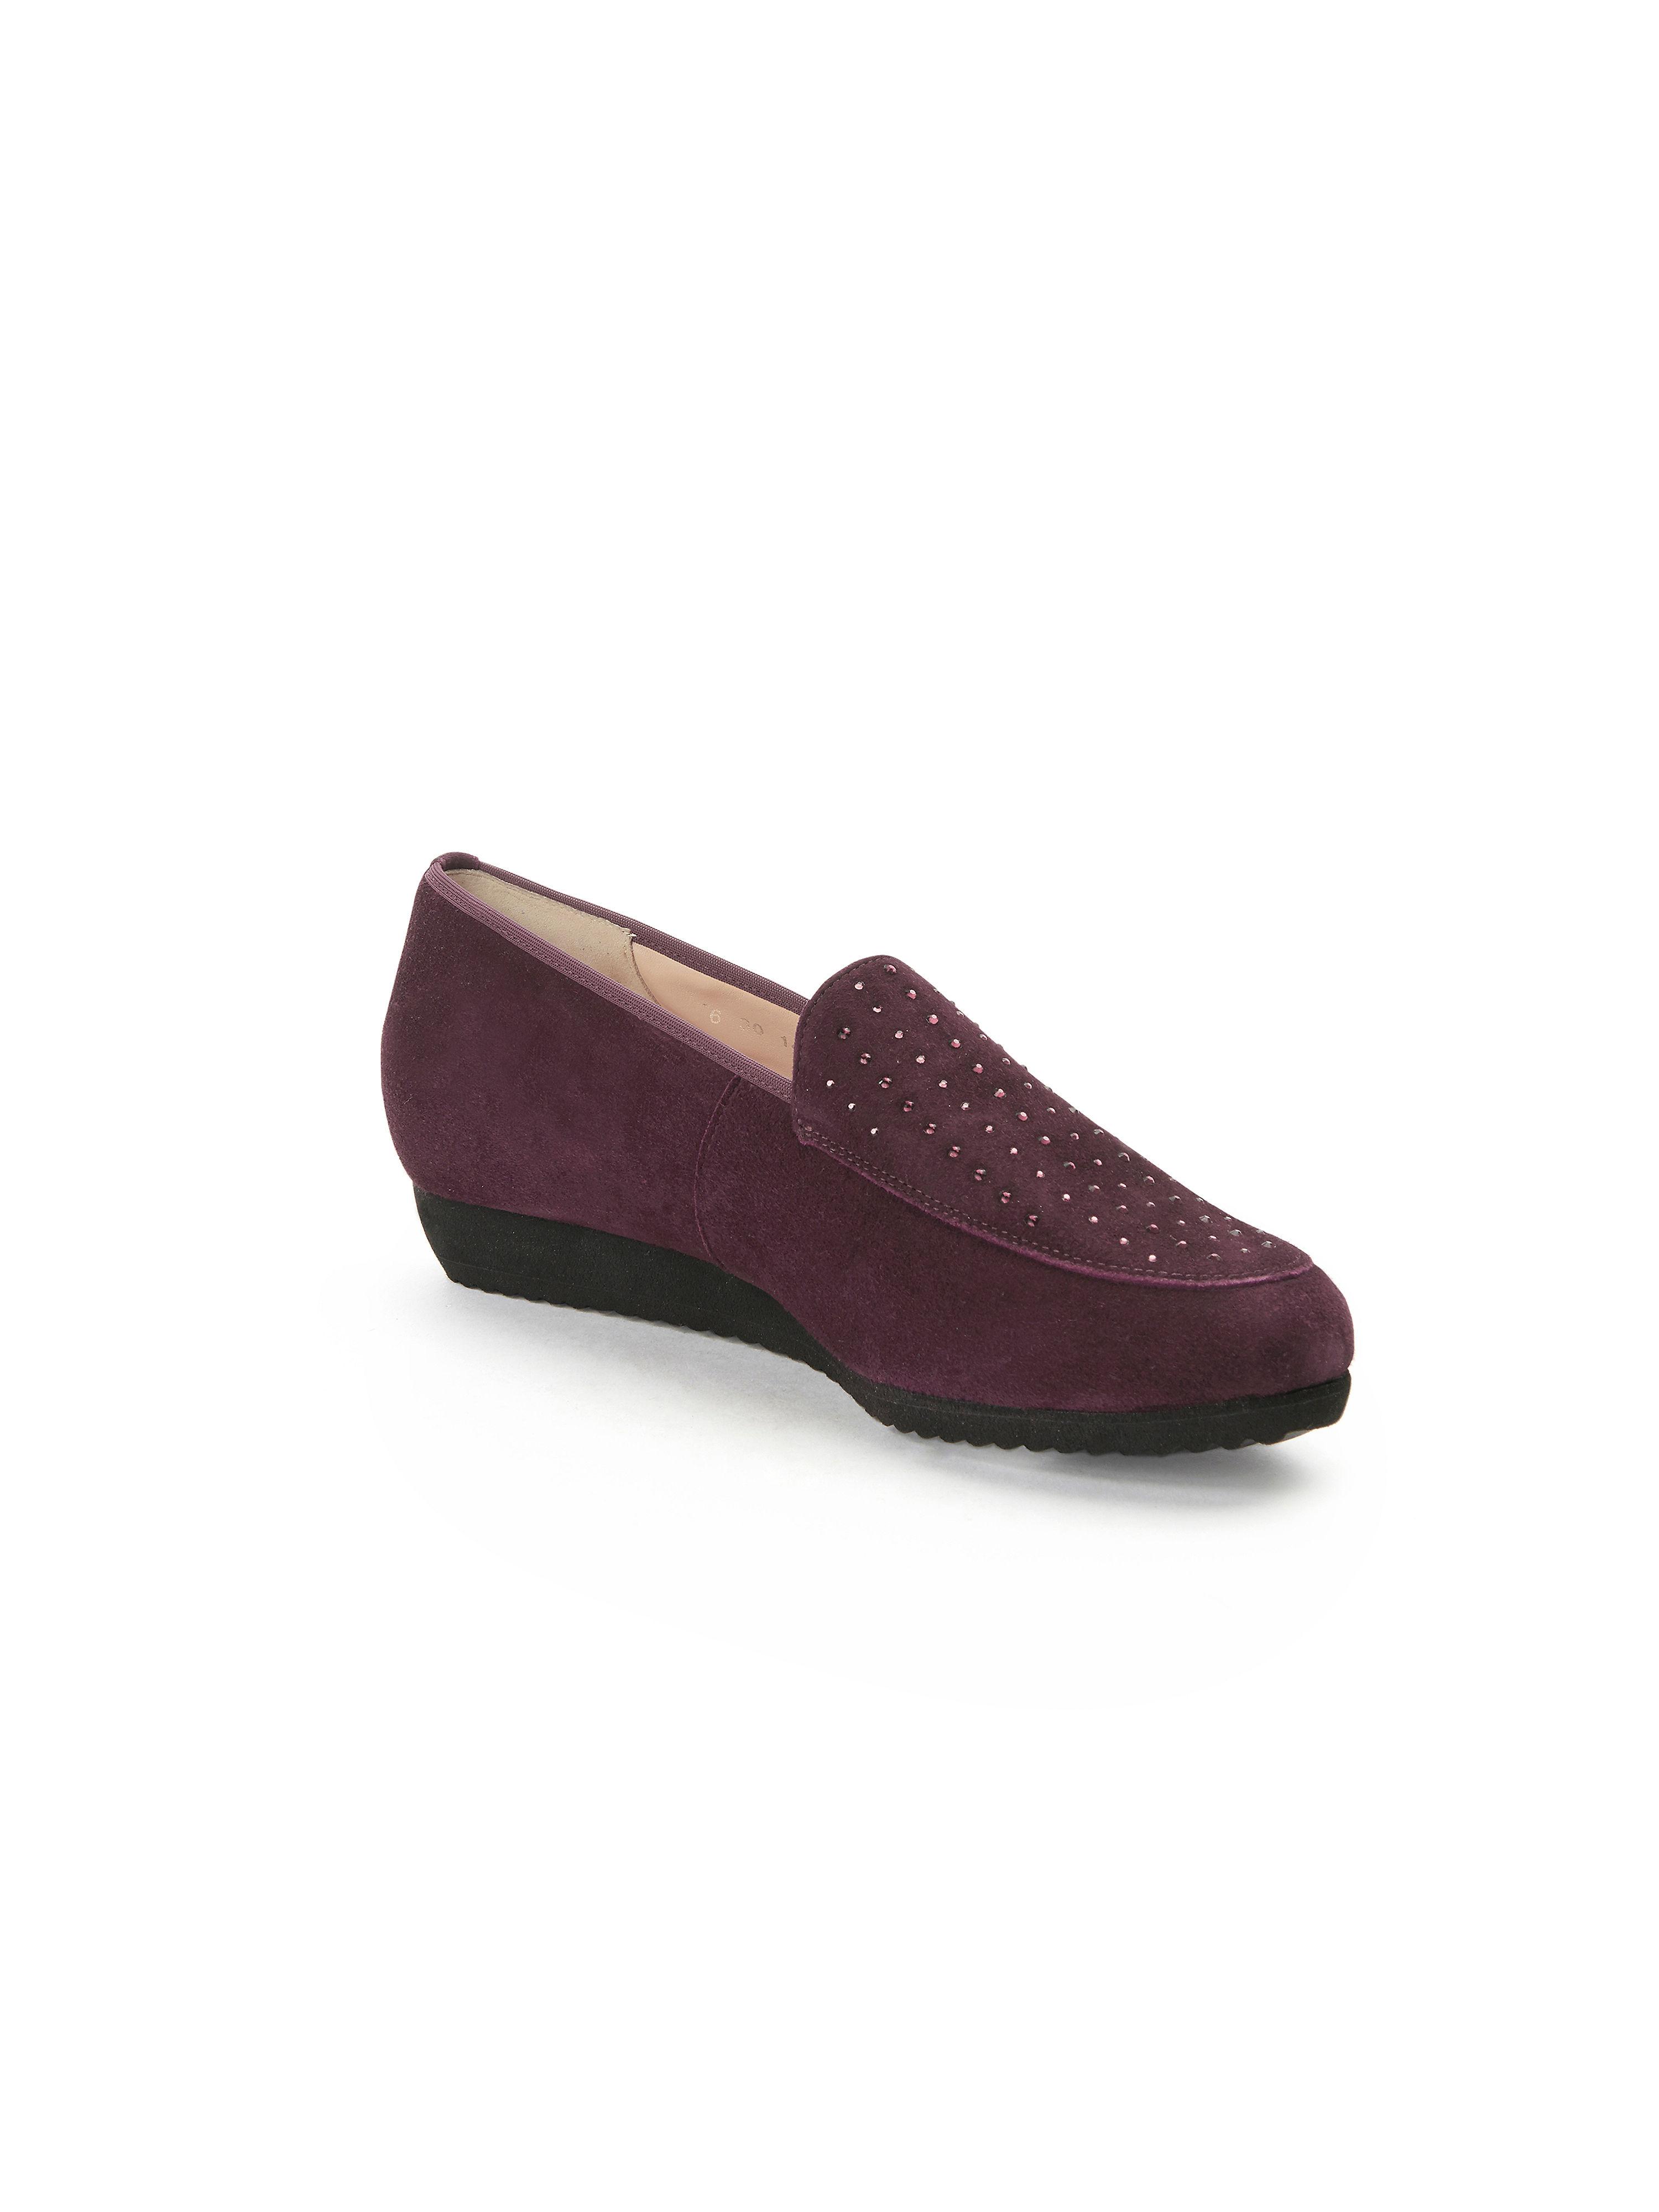 Hassia - Slipper Sanremo H aus 100% Leder - Burgund Gute Qualität beliebte Schuhe